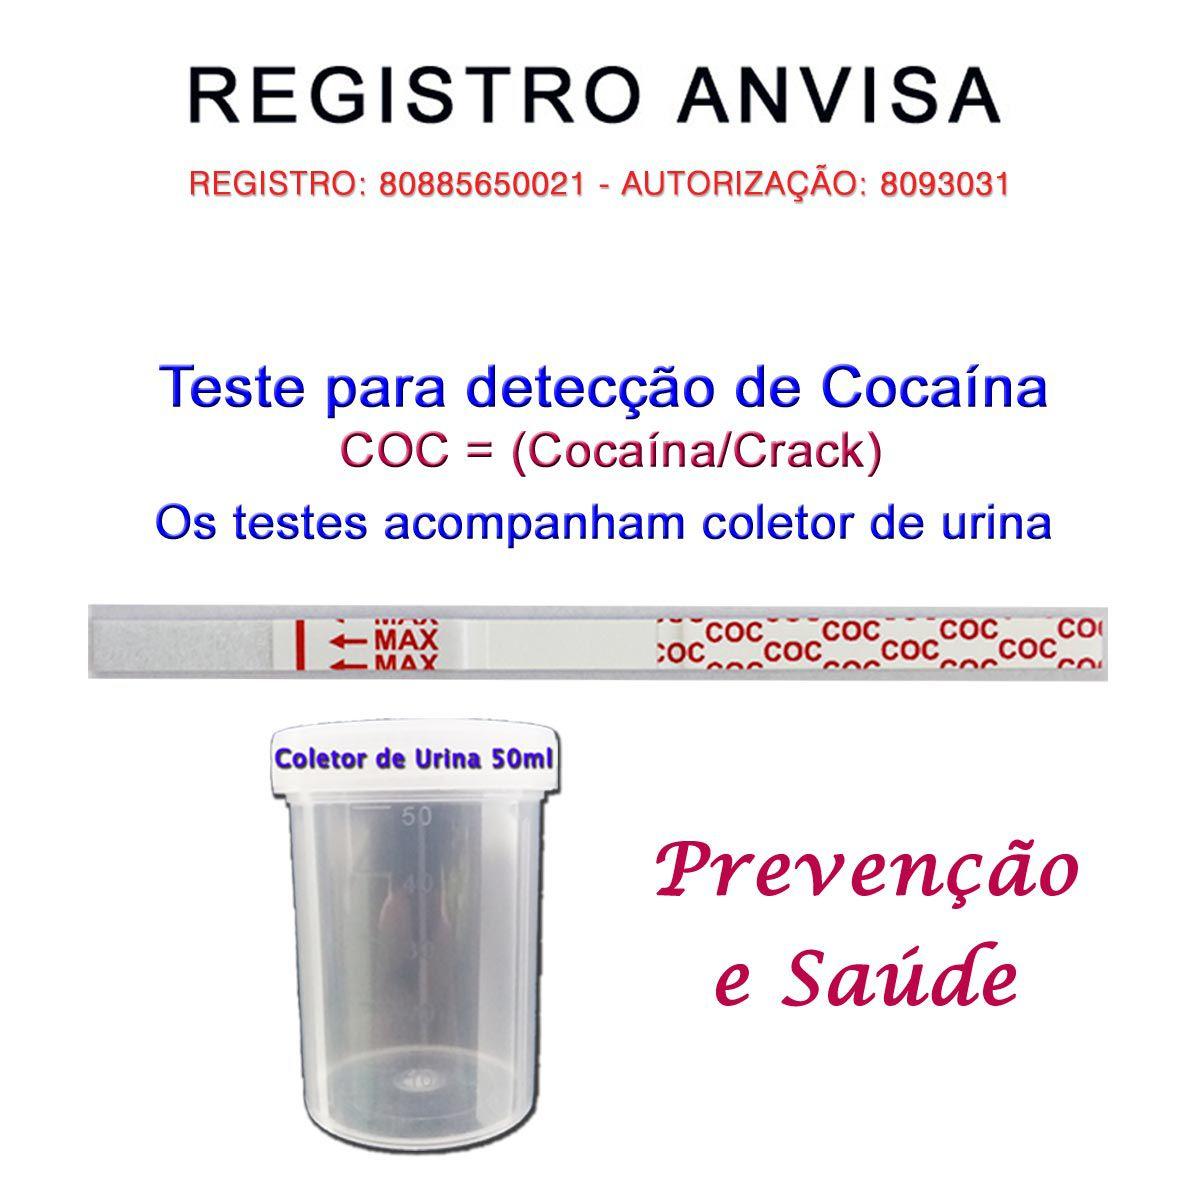 25 Kits para teste de COC-CRACK  - Testes Para Drogas e COVID-19. Máscaras e Como Parar de Beber e Fumar